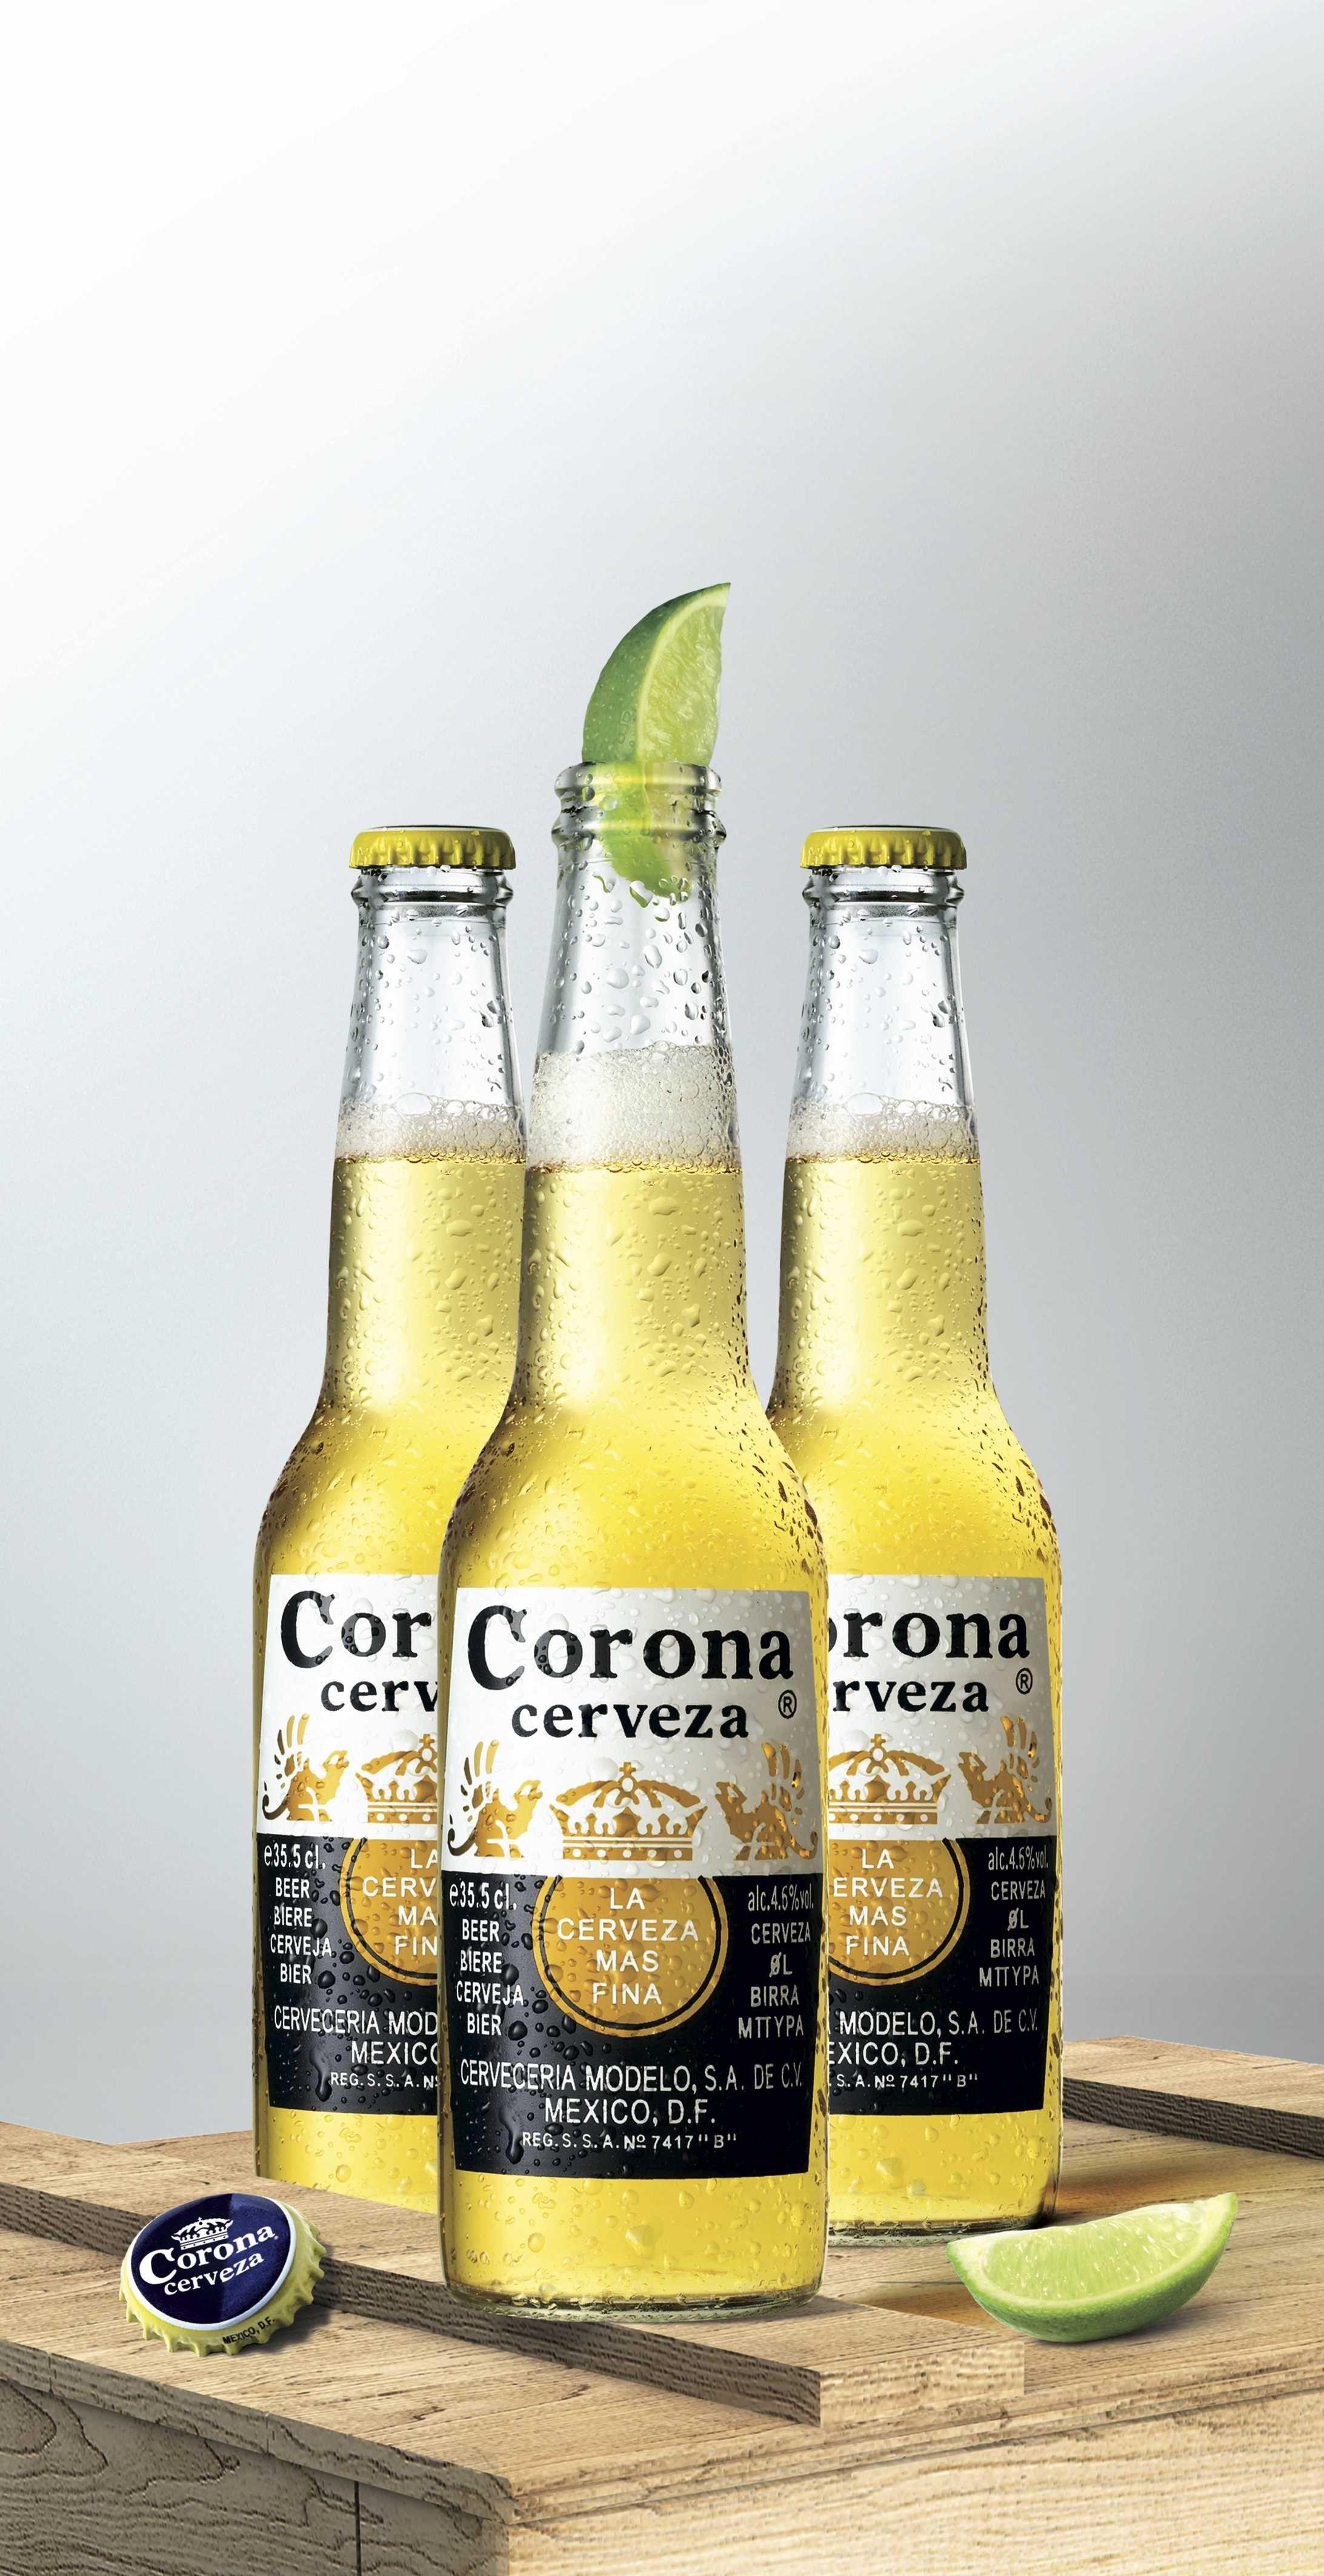 corona cerveza corona cerveza